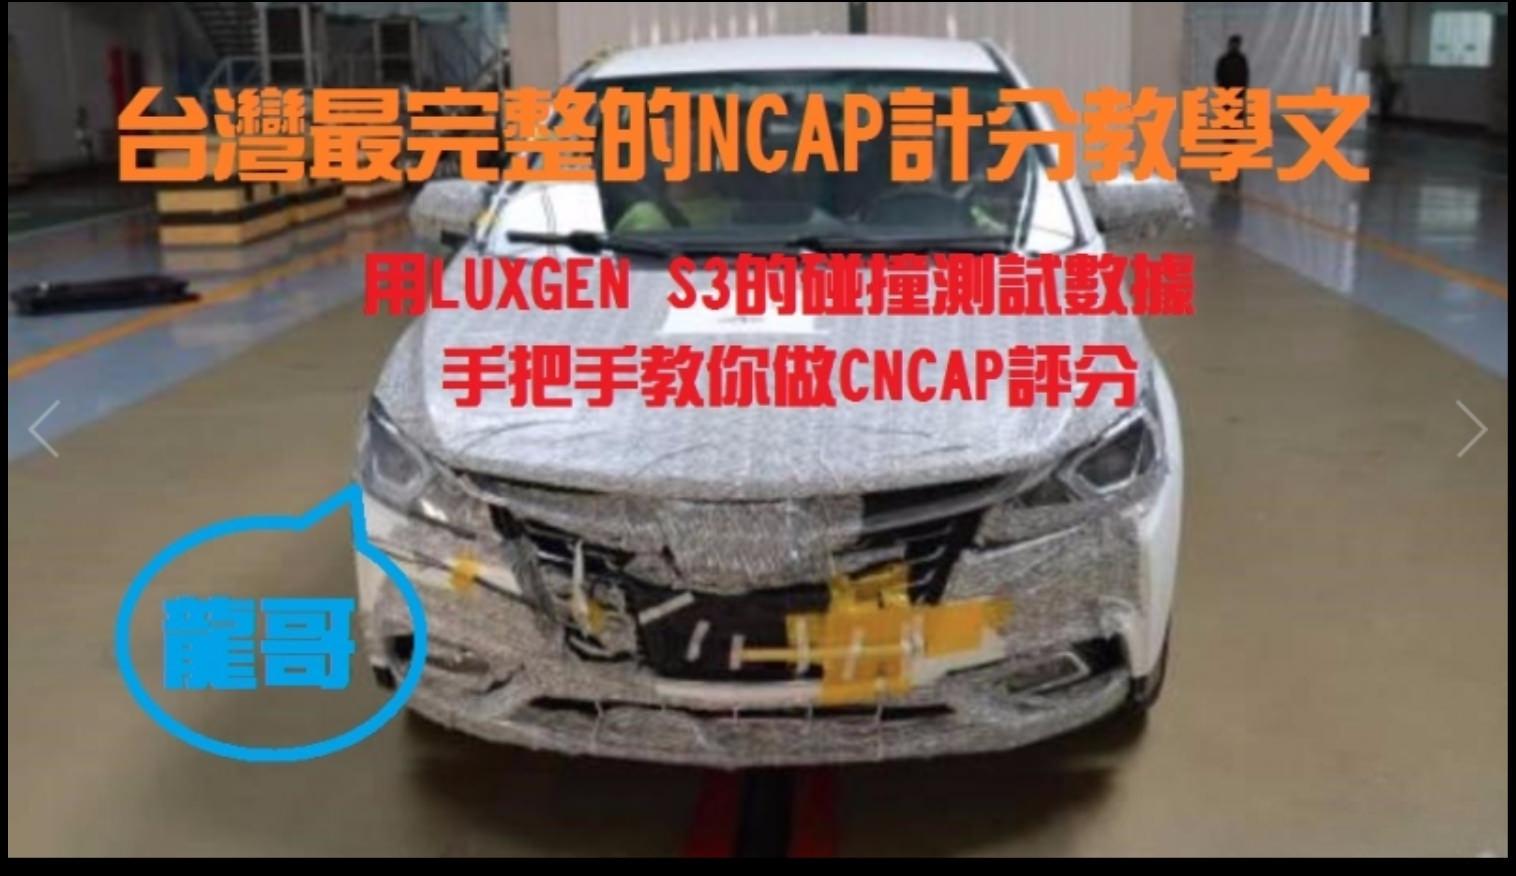 從LUXGEN S3撞擊測試數據我們來談談台灣 NCAP 安全議題